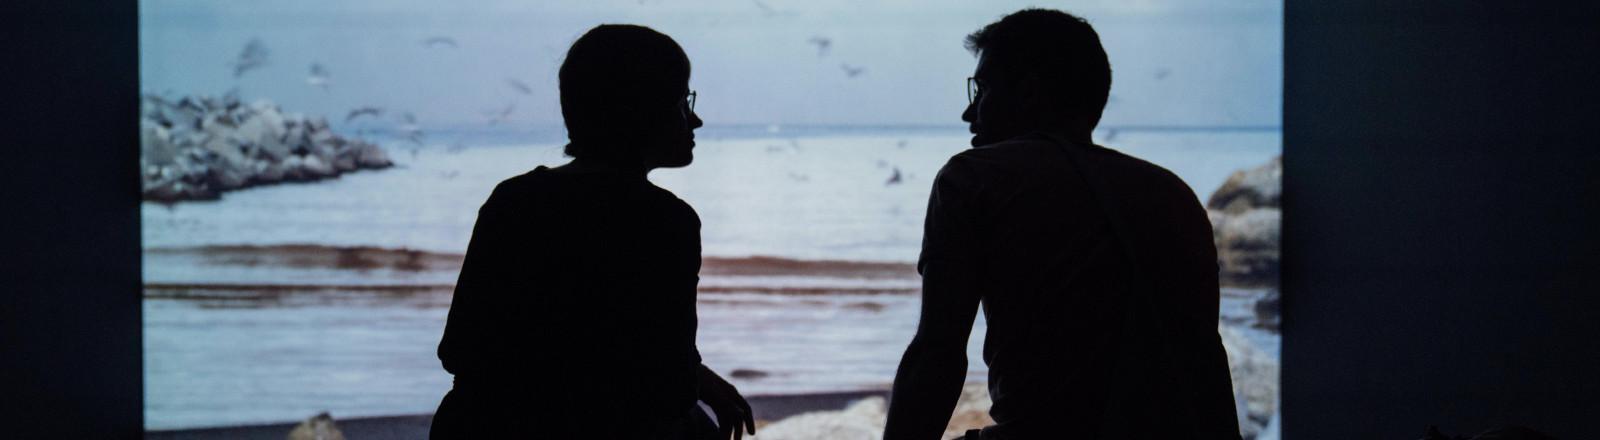 Paar sitzt vor einem Kunstwerk in einer Ausstellung.